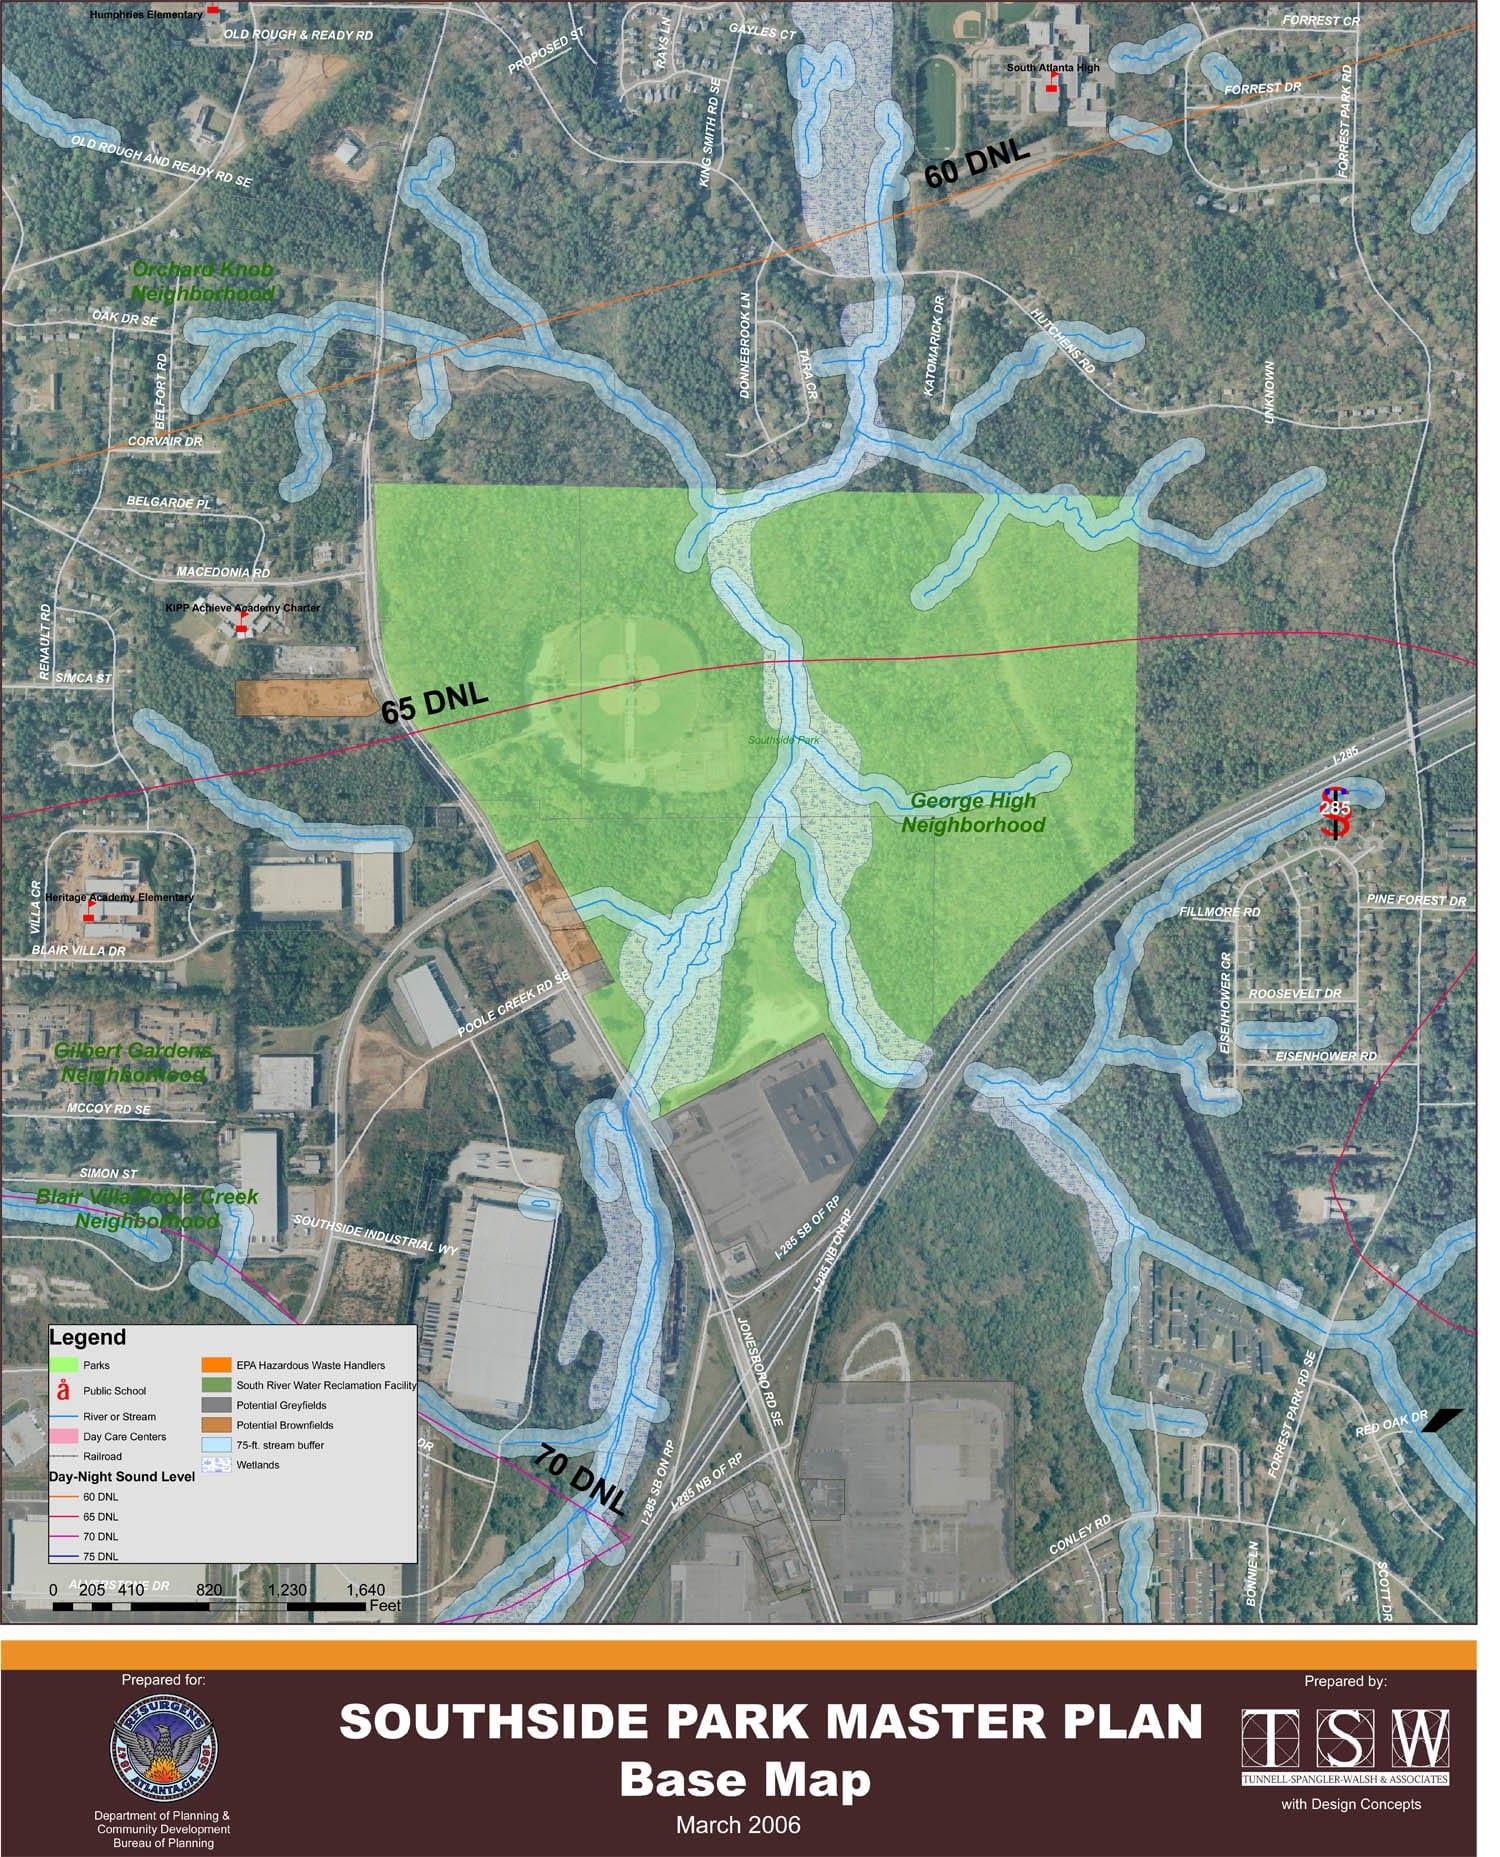 Southside Park Master Plan